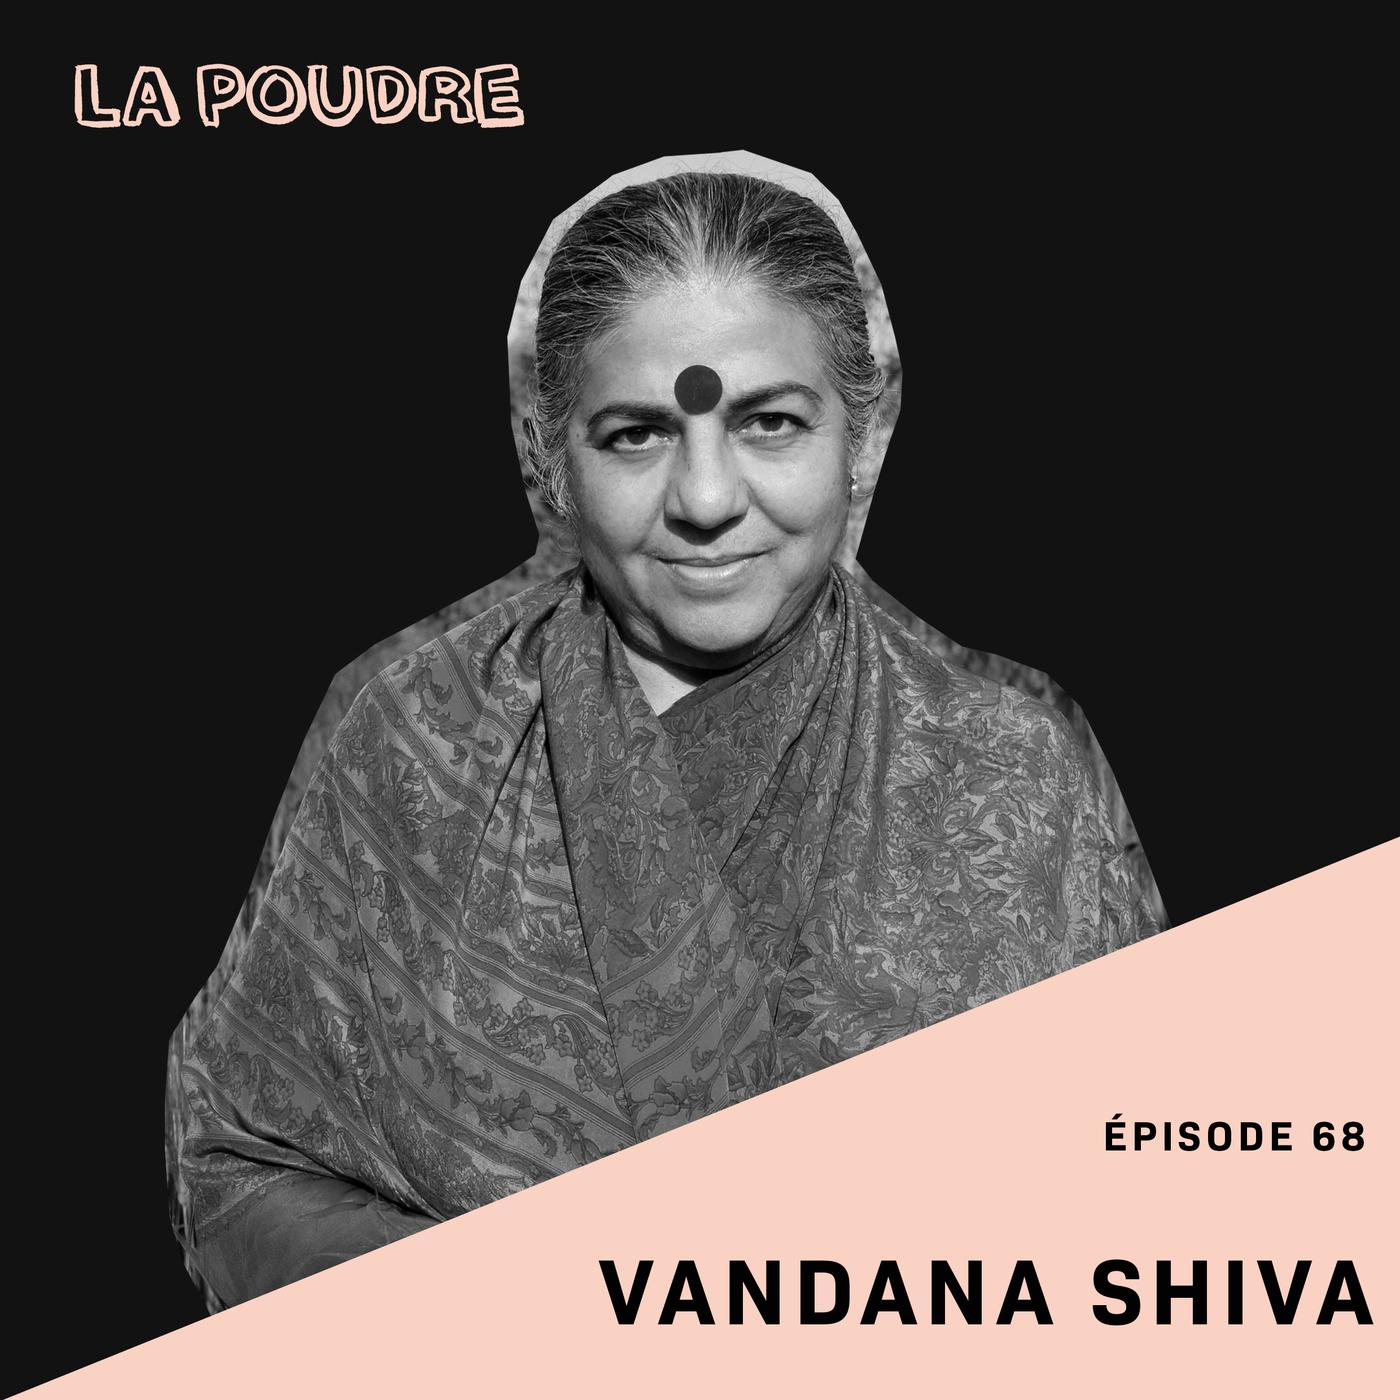 Épisode 68 - Vandana Shiva - (doublé en français)